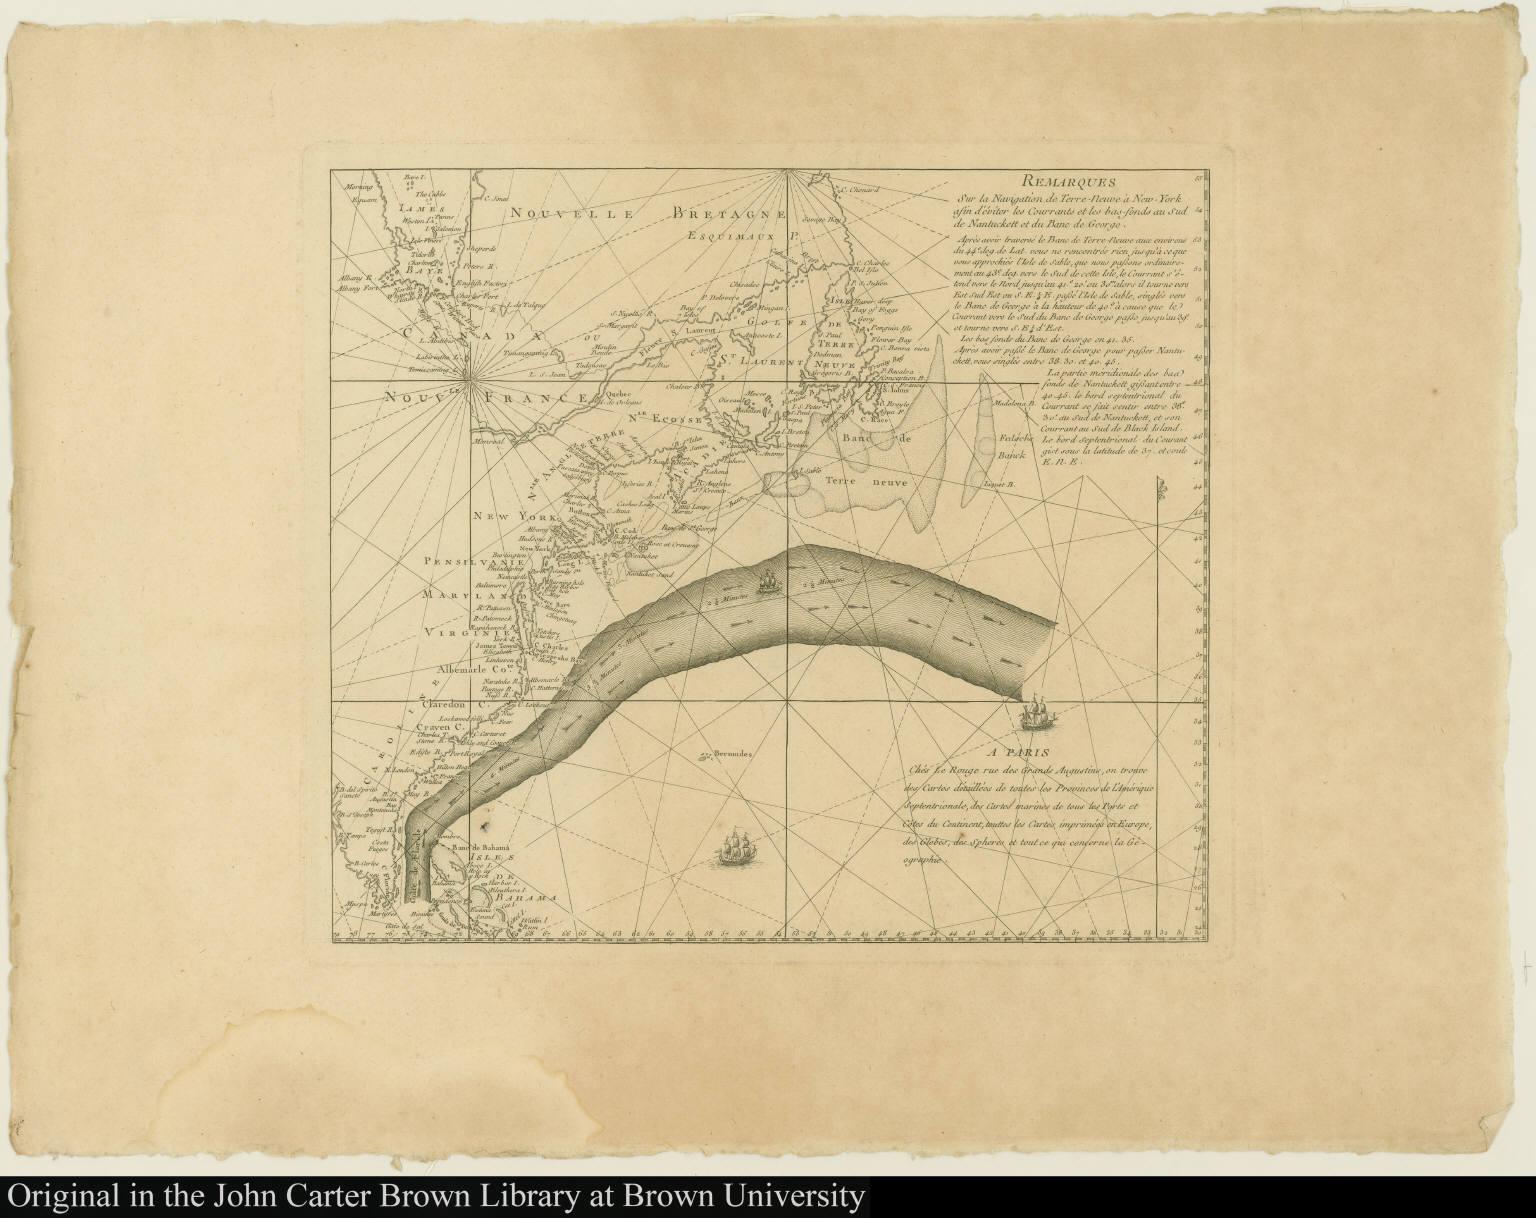 Remarques Sur la Navigation de Terre-Neuve à New-York afin d'éviter les Courrants et les bas-fonds au Sud de Nantuckett et du Banc de George.